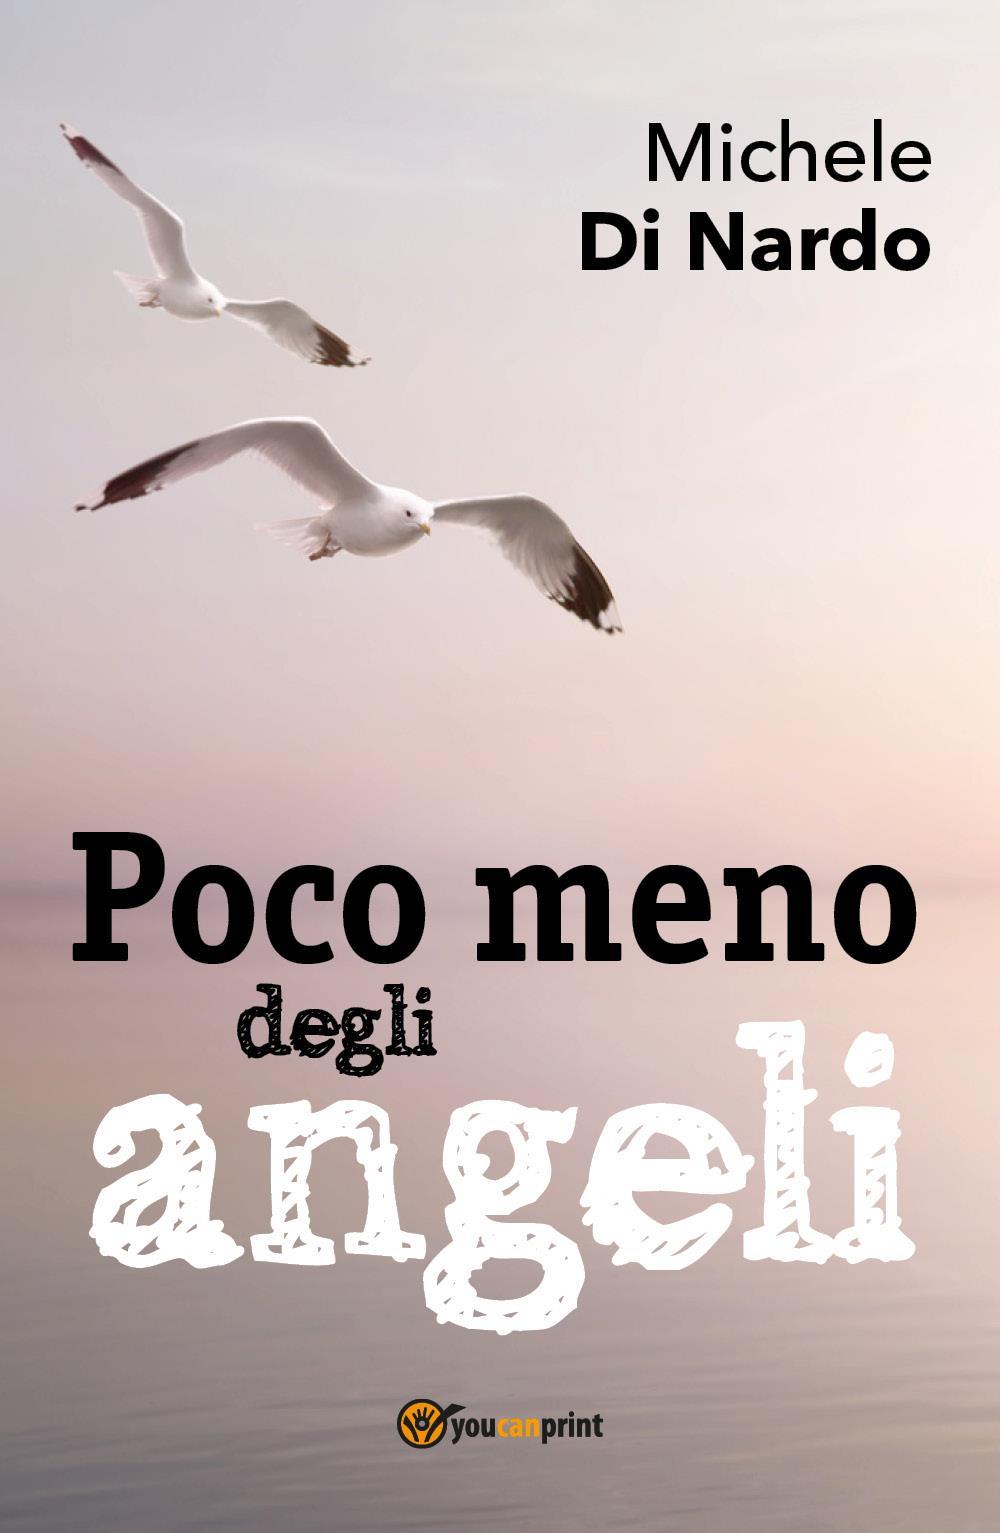 Poco meno degli angeli